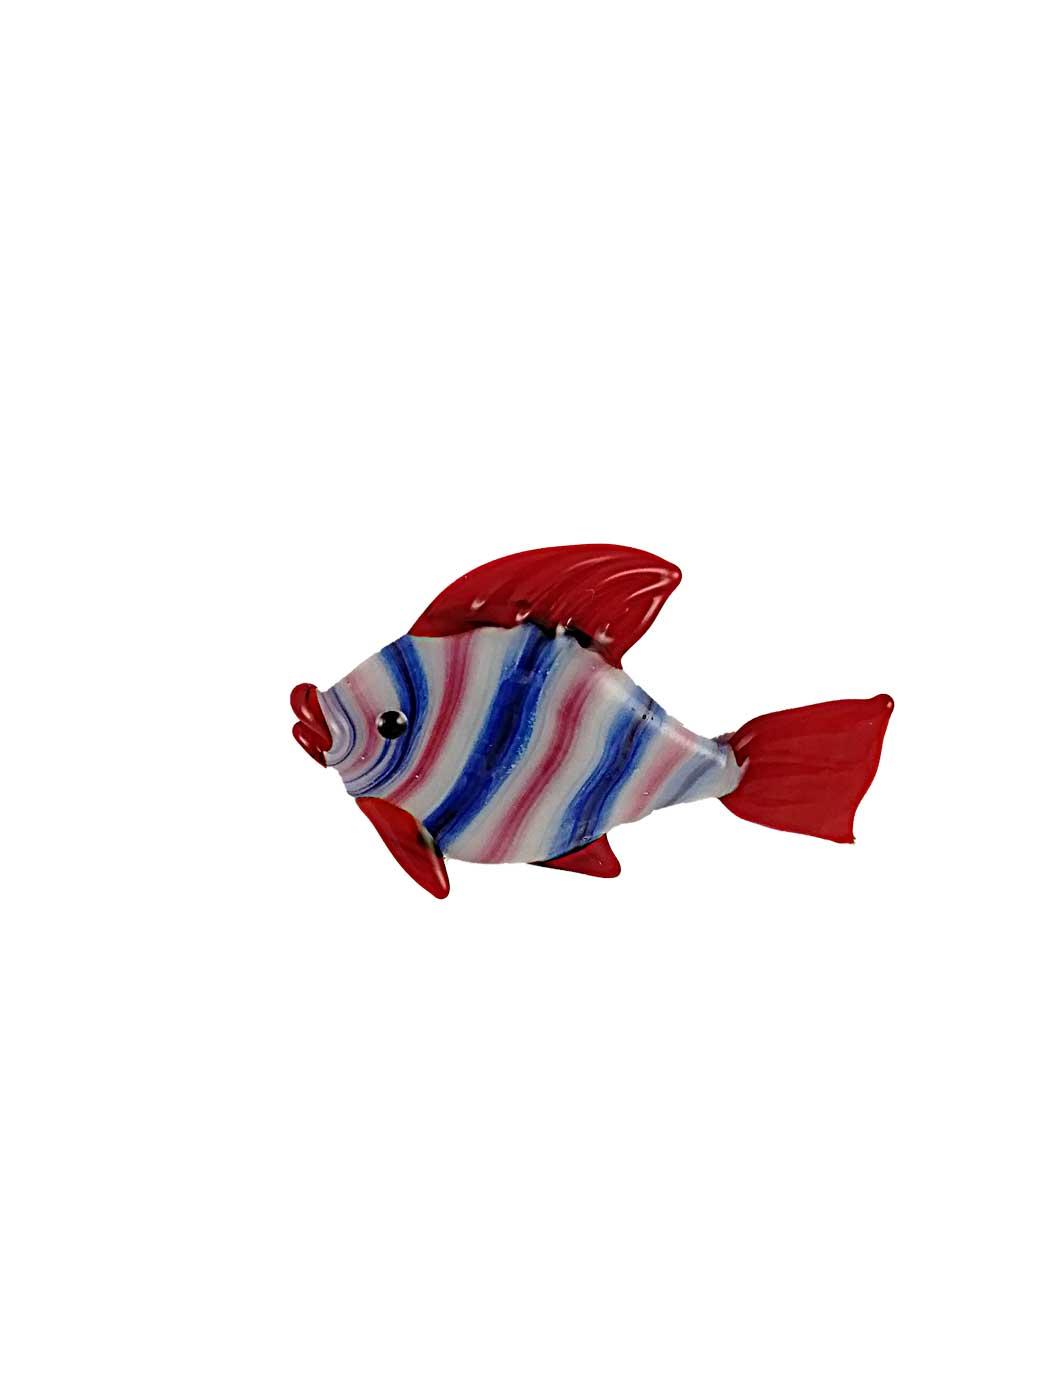 Fisch mit Magnet